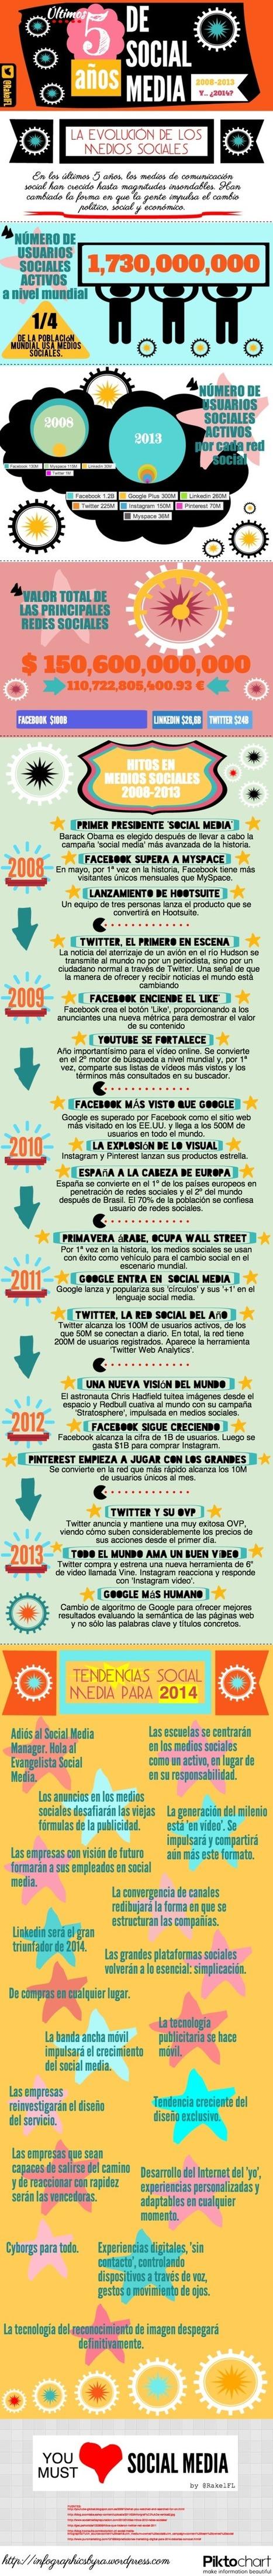 Redes Sociales 2008-2014 #infografia #infographic #socialmedia   REDES SOCIALES Y ENSEÑANZA DE LA MATEMÁTICA   Scoop.it